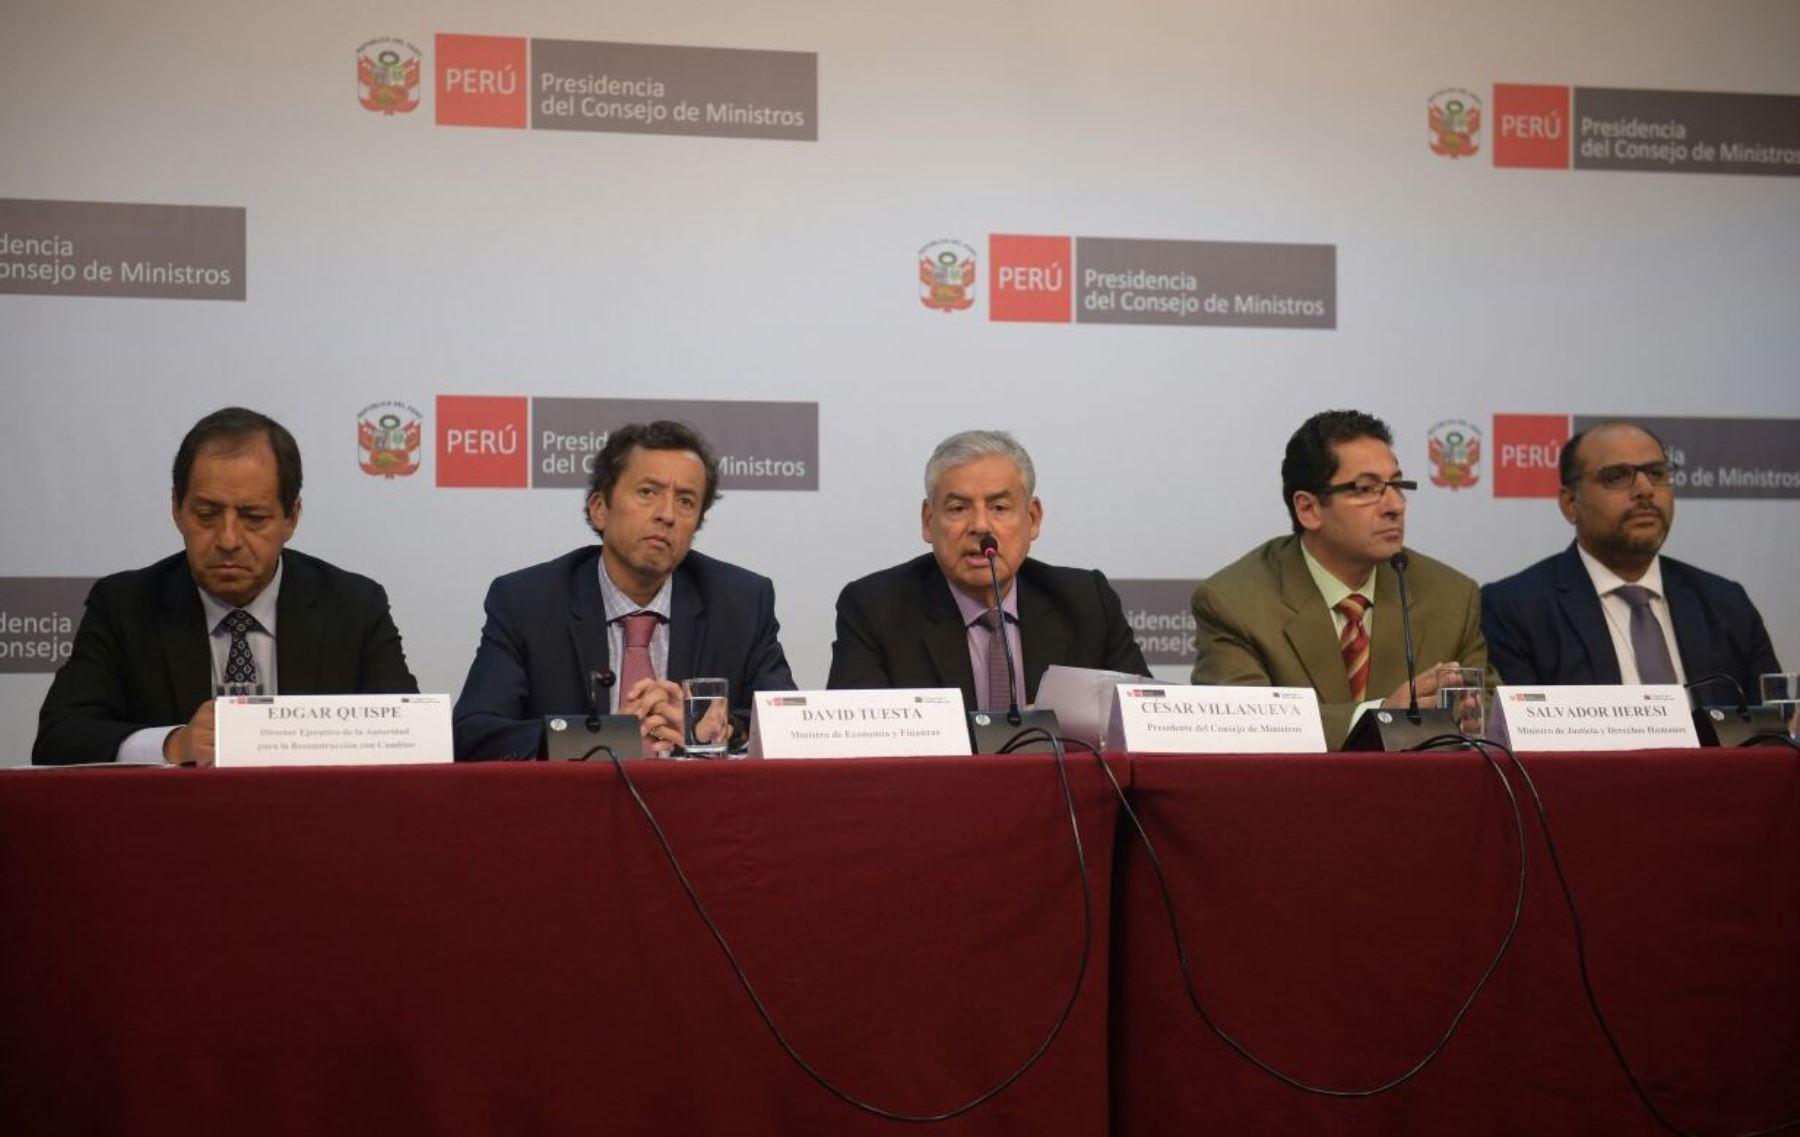 Conferencia de prensa tras la sesión del Consejo de Ministros de hoy. Foto: ANDINA/Difusión.